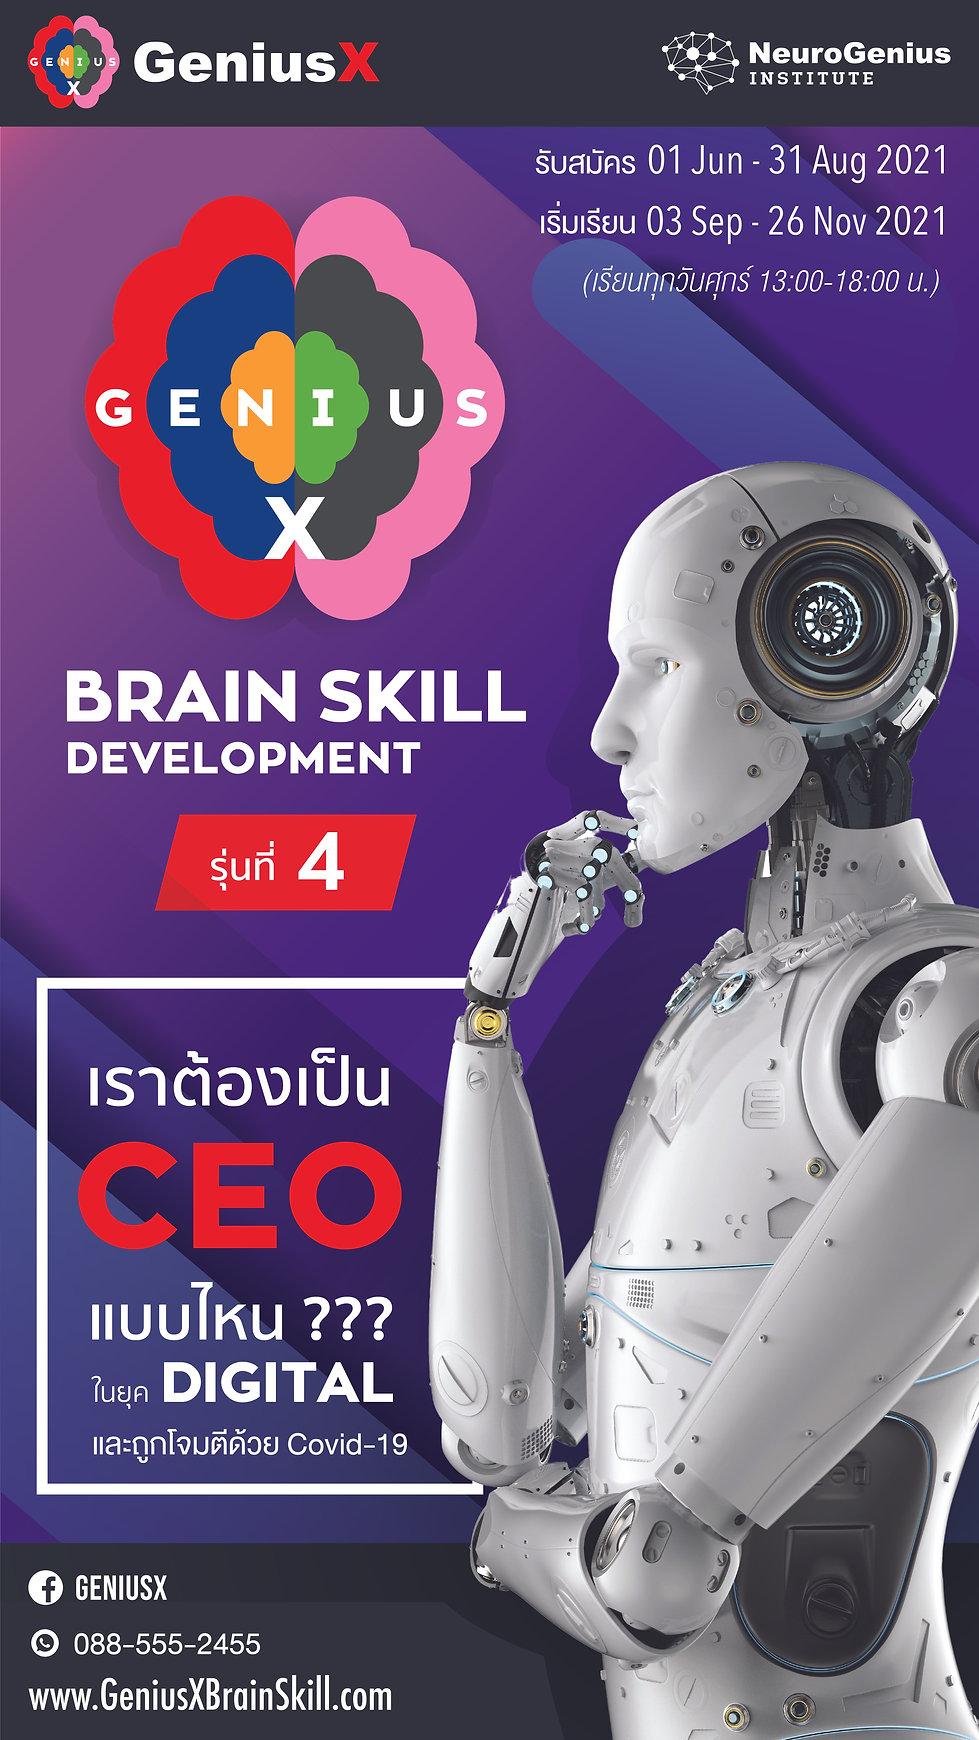 Poster Sales 001-01.jpg